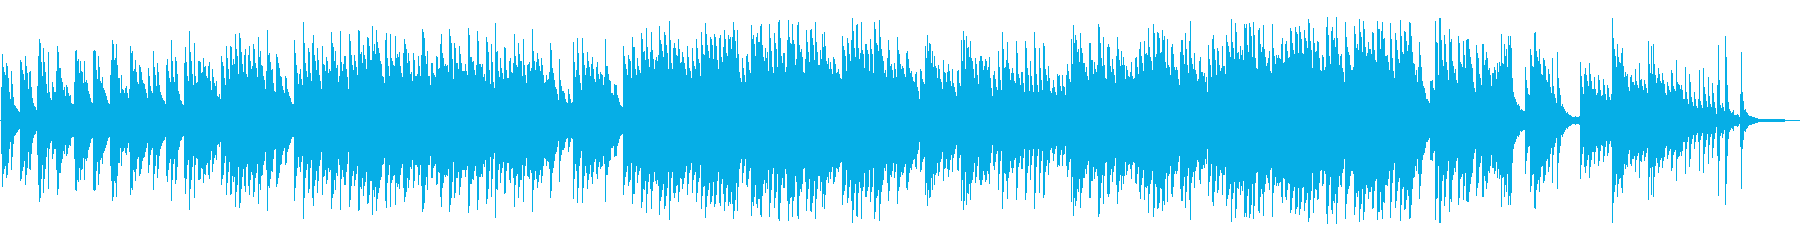 叙情的でノスタルジックなピアノBGMの再生済みの波形